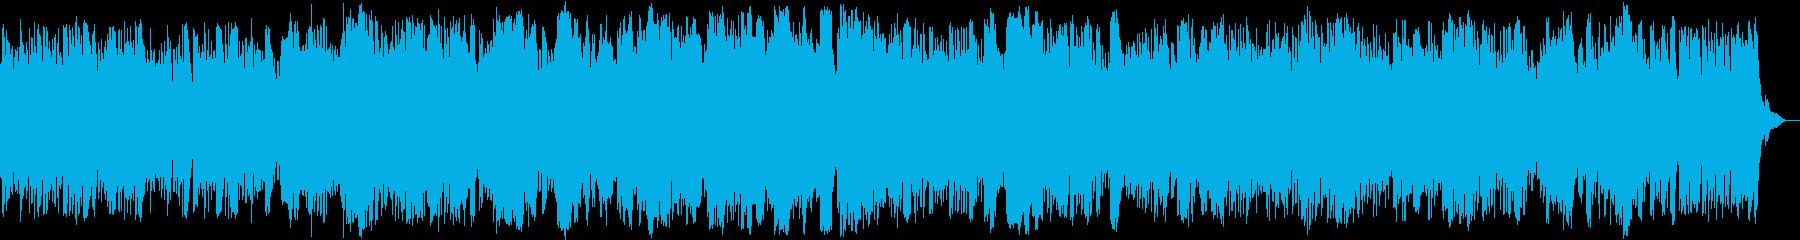 ほのぼのしたpopsの再生済みの波形